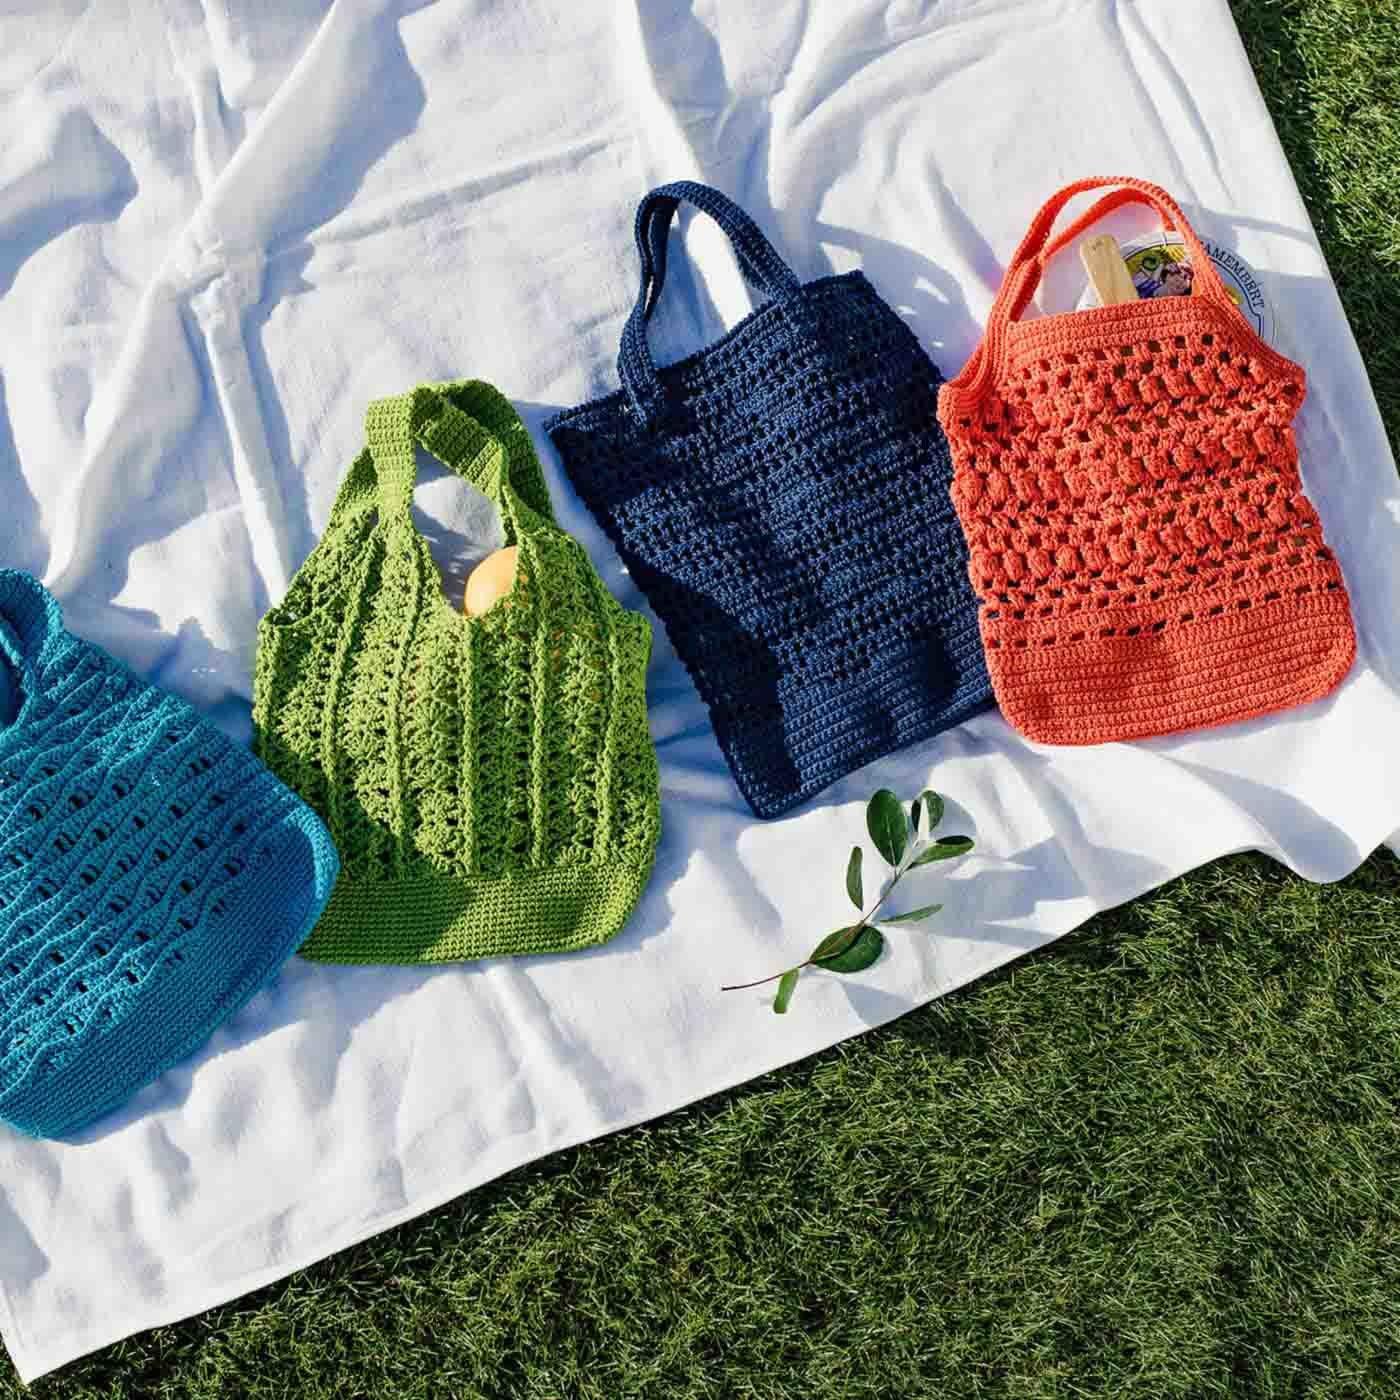 【クチュリエクラブ会員限定】涼しげな編み地が自慢 透け感がおしゃれなかぎ針編みバッグの会